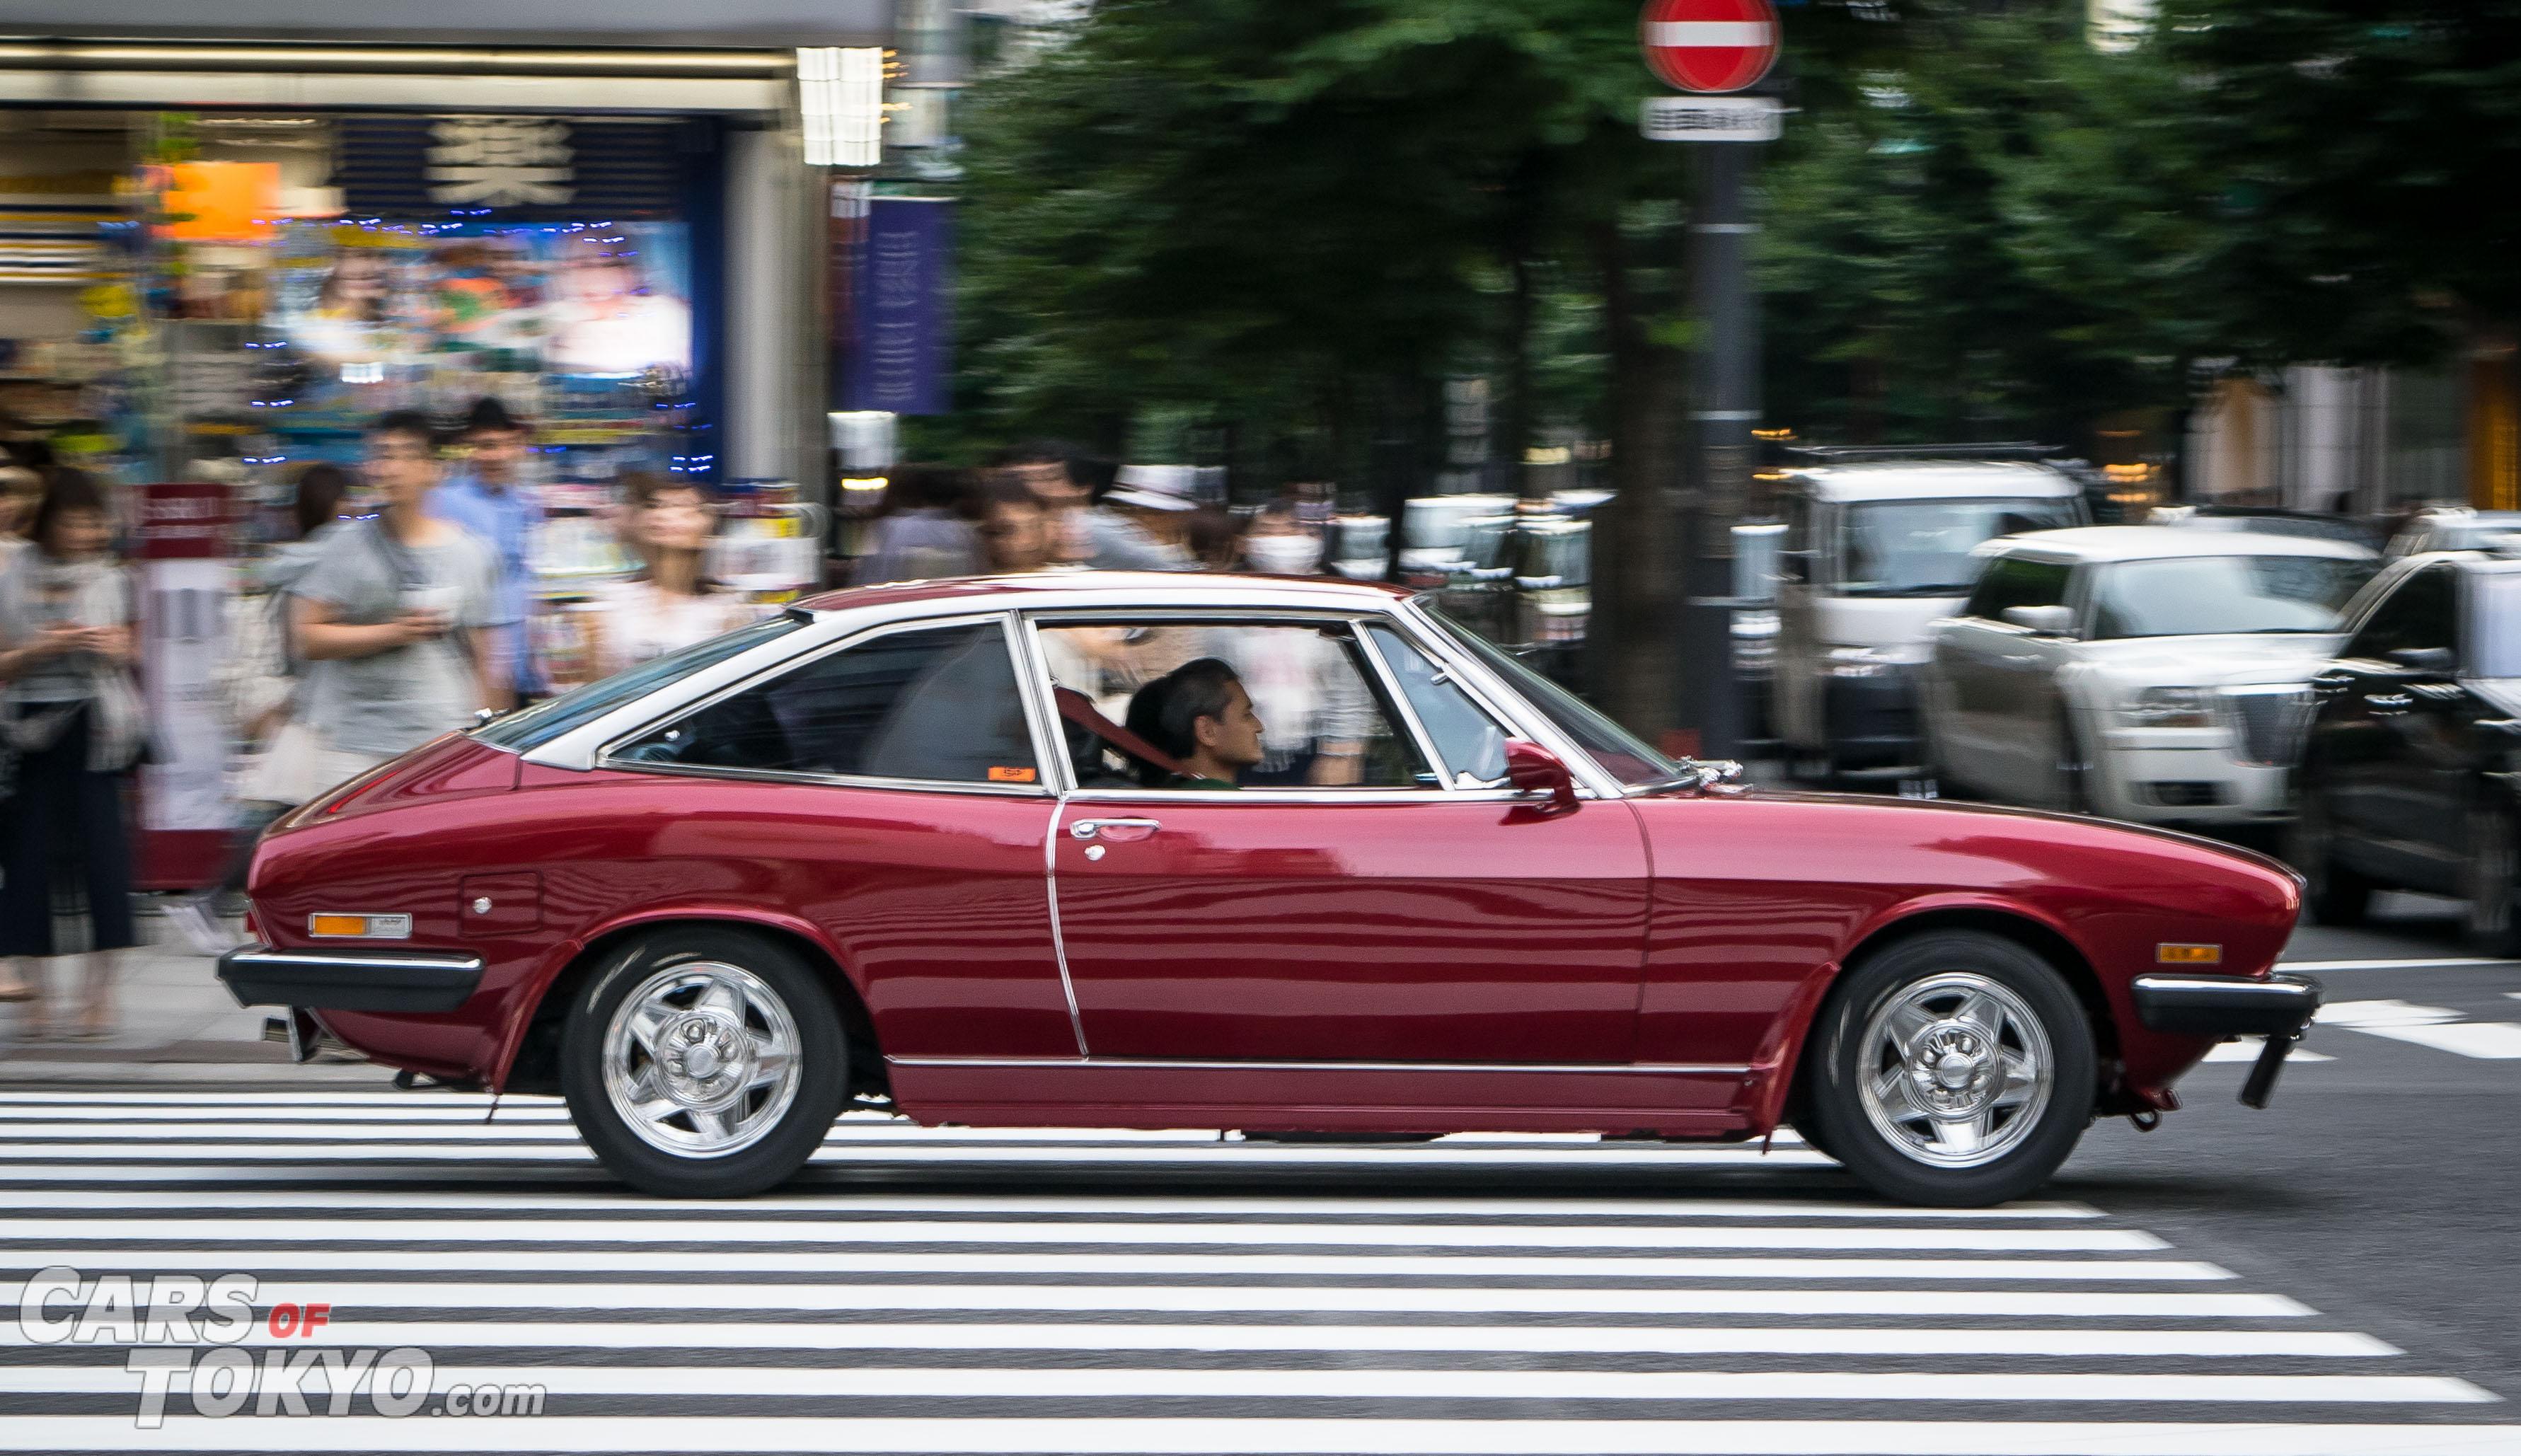 Cars of Tokyo Classic Isuzu 117